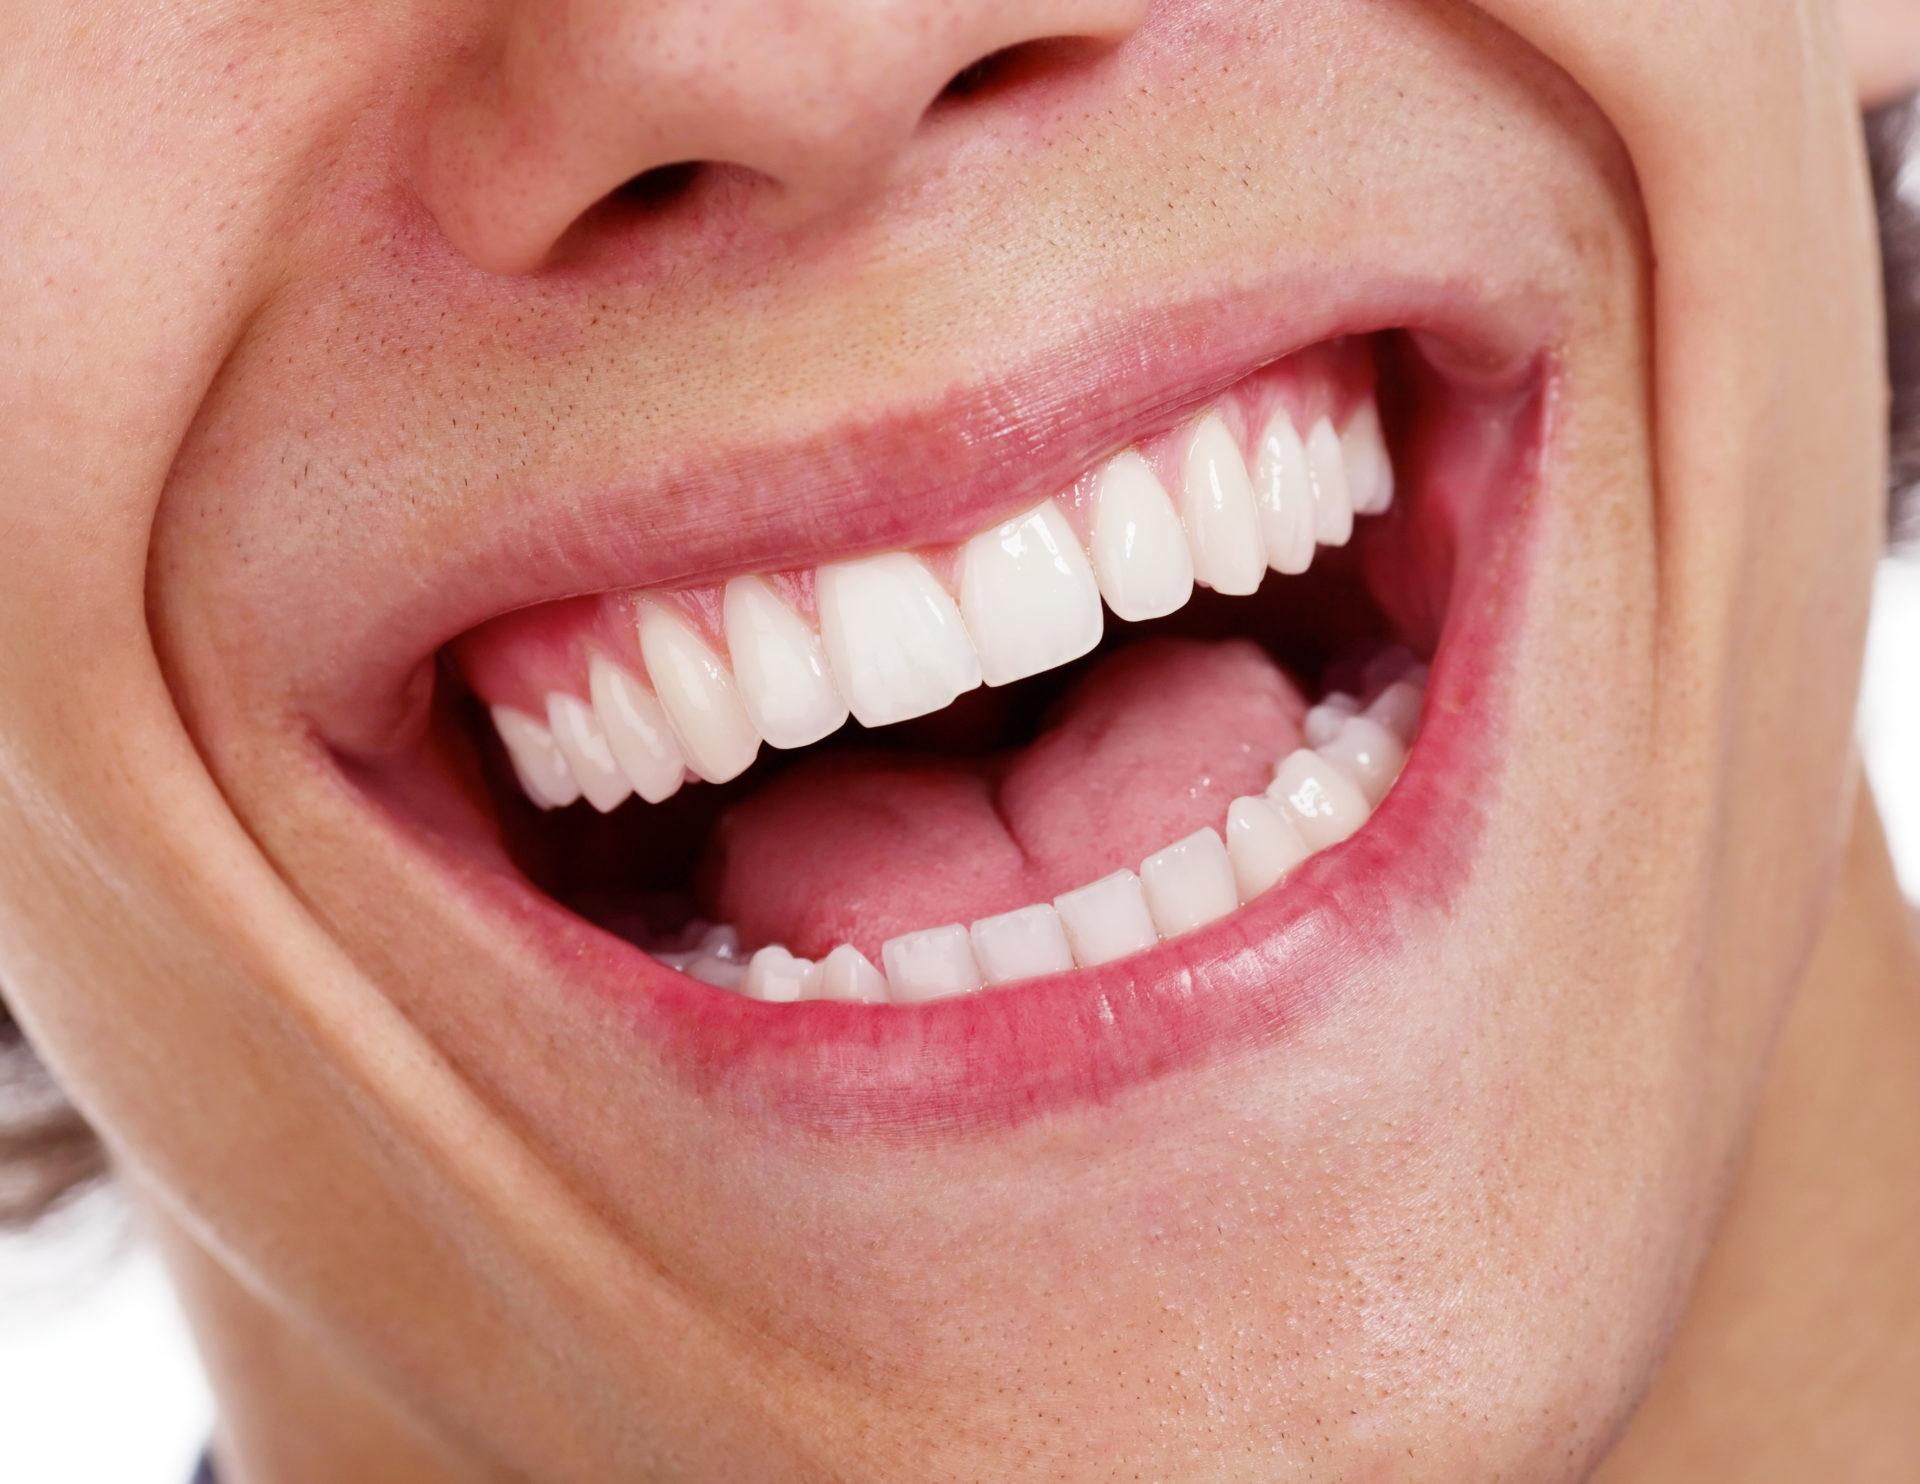 ¿Por qué es tan importante tener unas encías bien sanas?